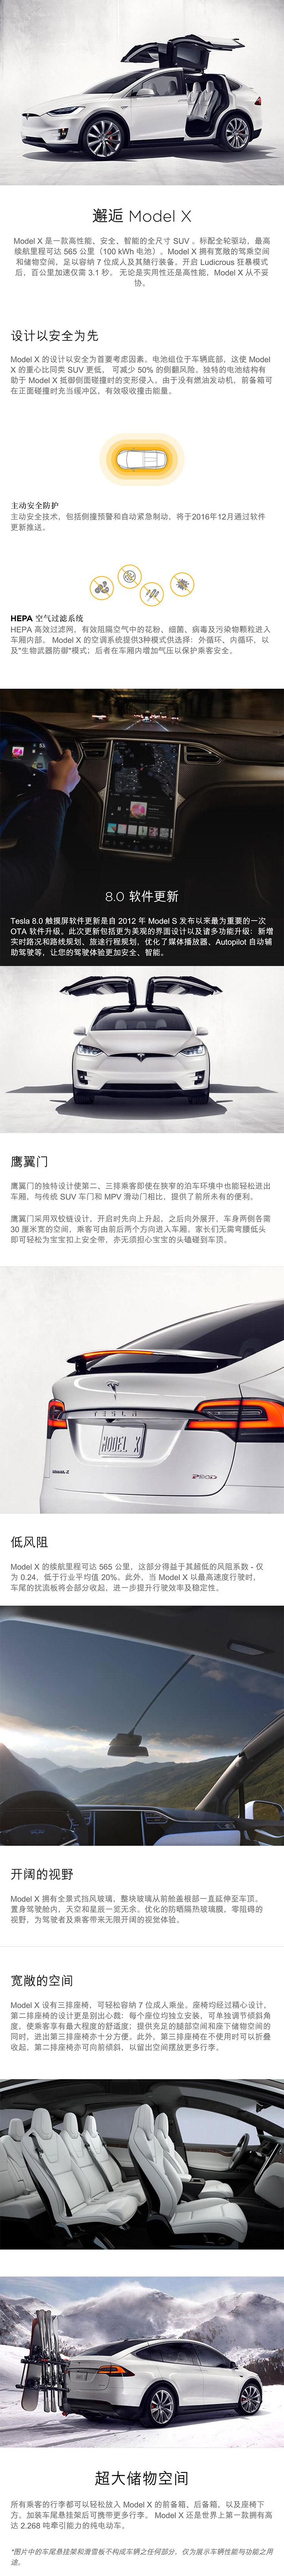 特斯拉Model X 90D免费试用,评测